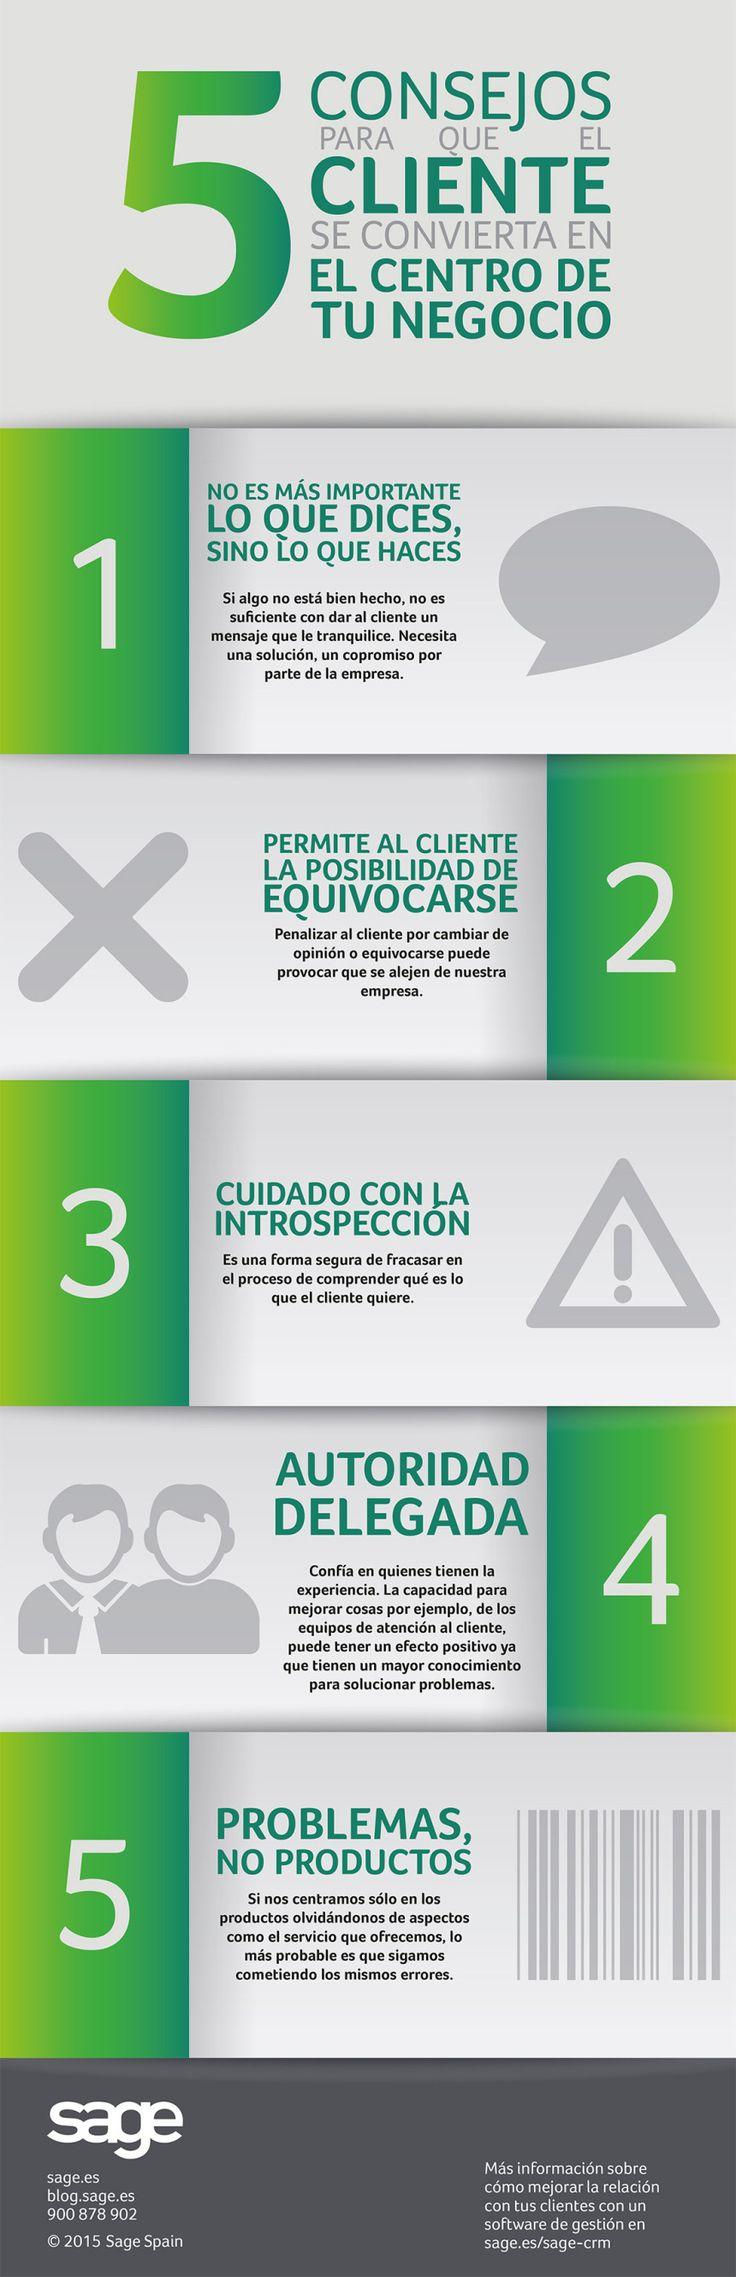 5 consejos para que tu cliente se convierta en el centro de tu negocio #infografia #marketing